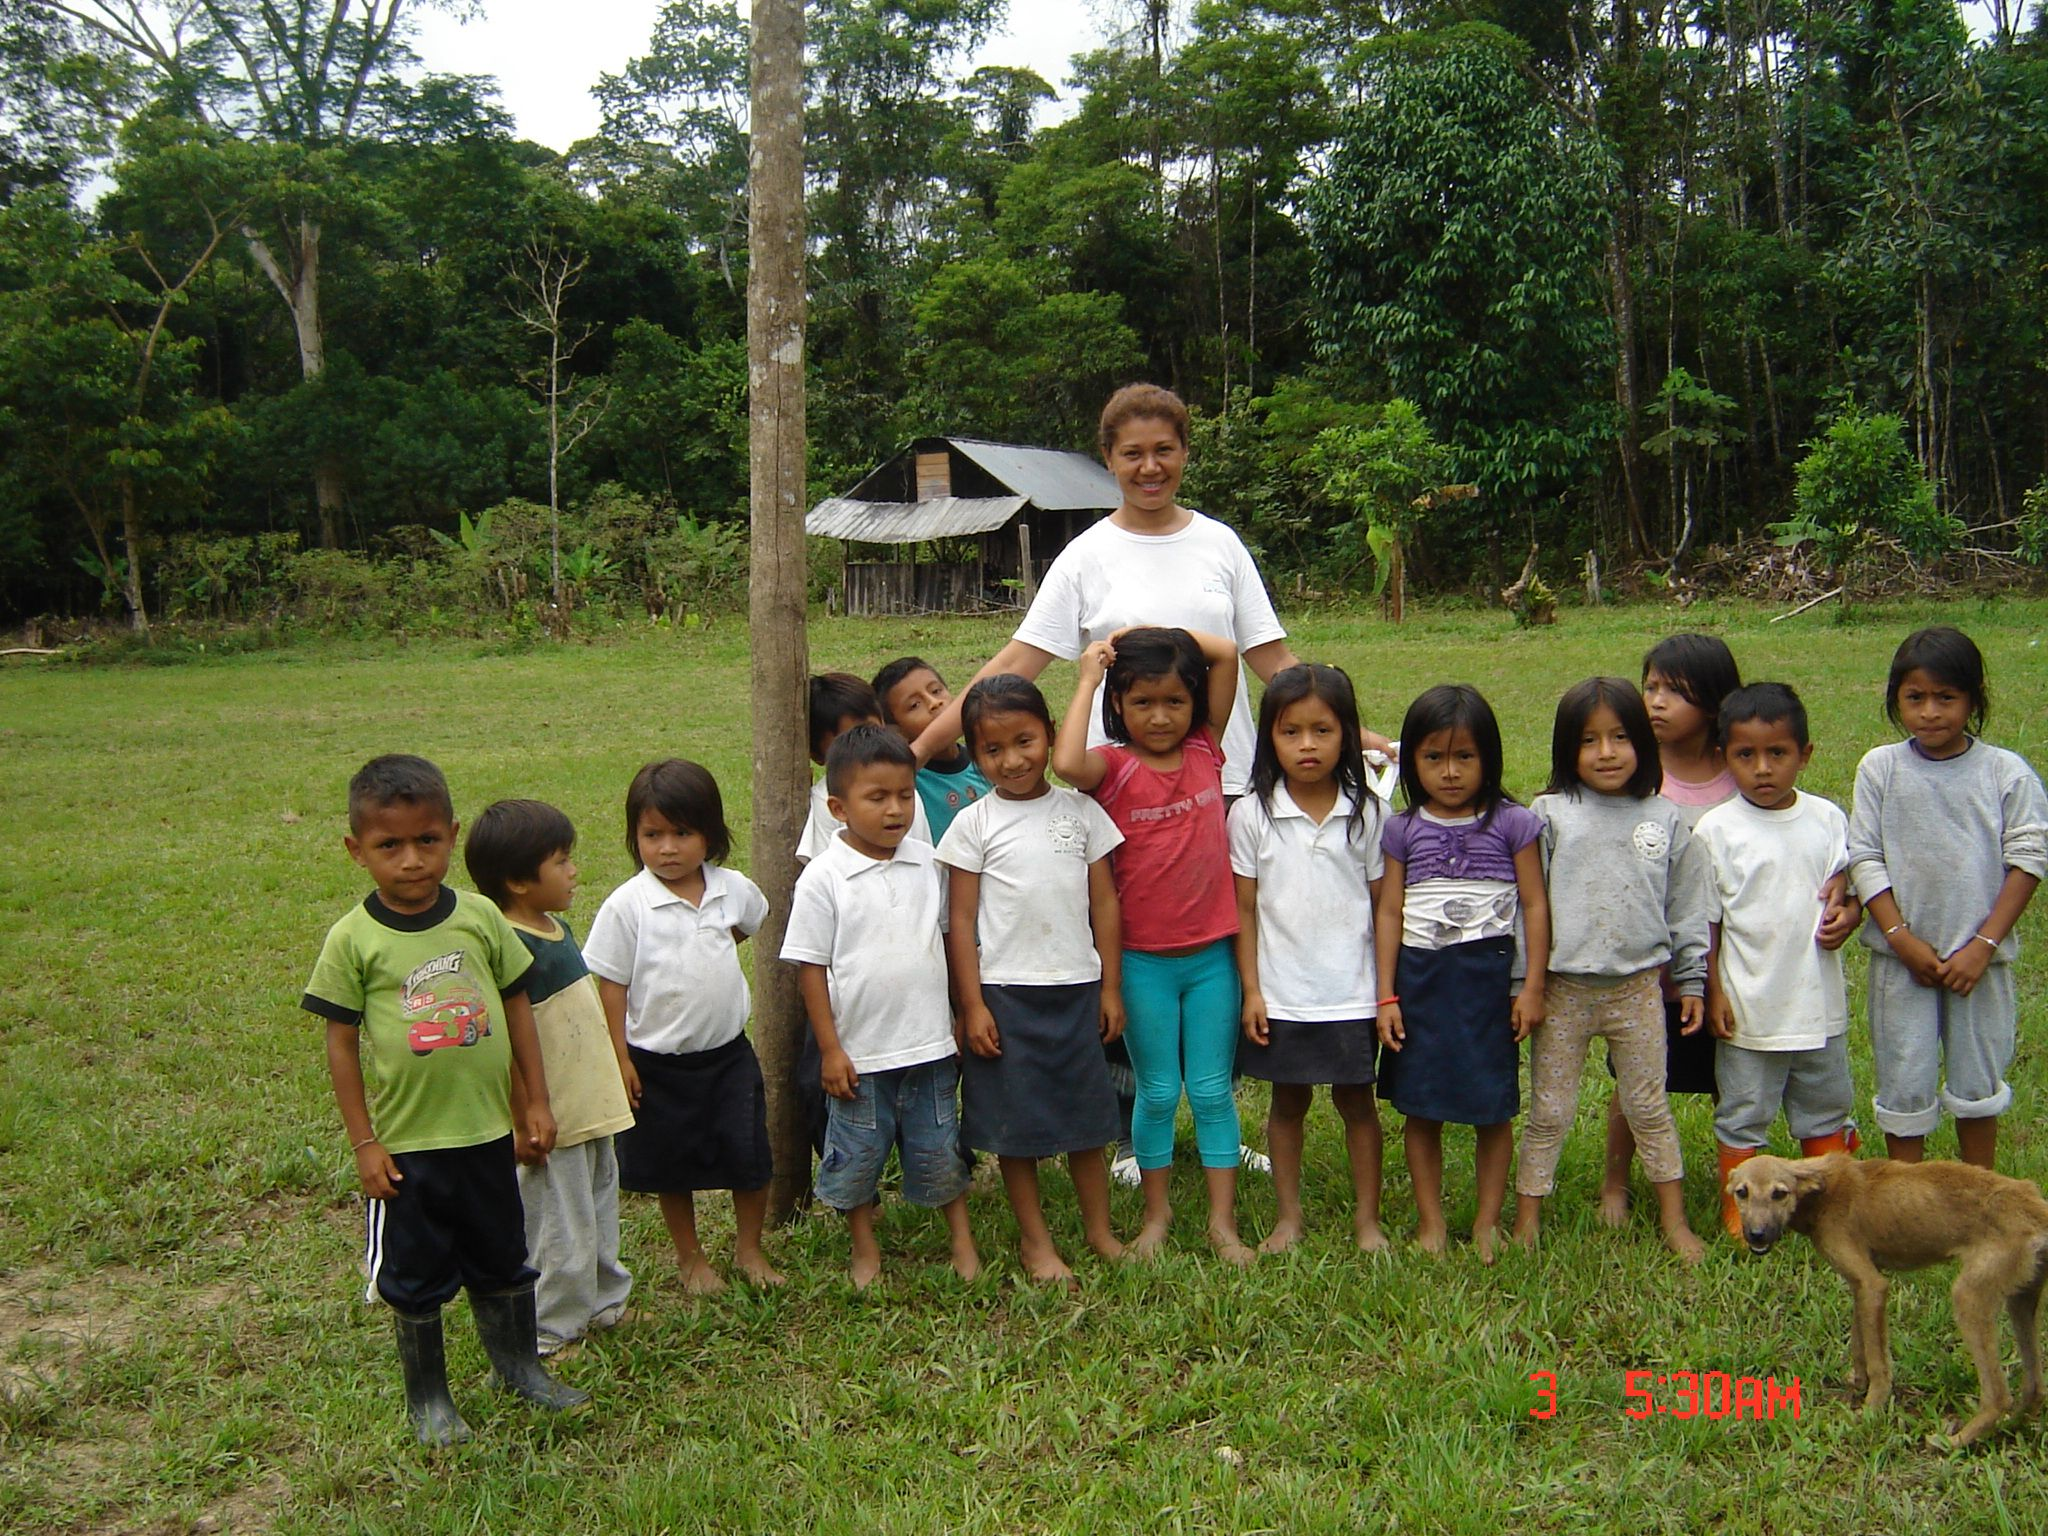 Ester dedicó gran parte de su tiempo a jugar con los niños de la selva. No todos hablan español